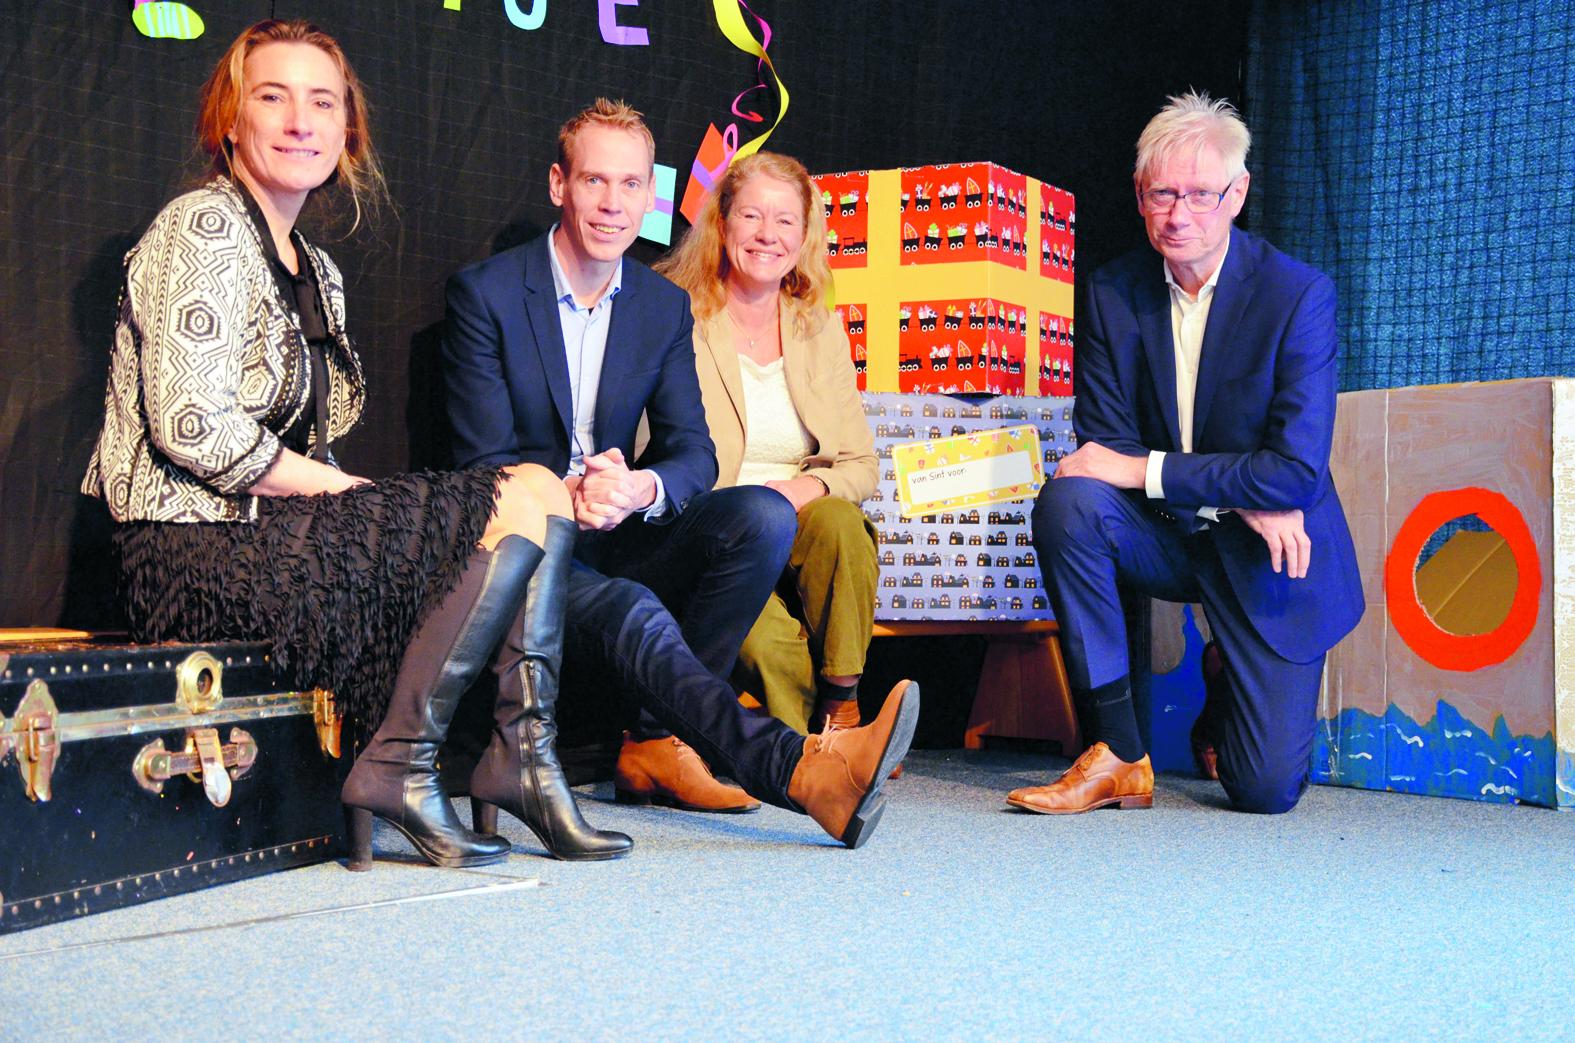 V.l.n.r.: Monique Mul (Stichting Kinderopvang Langedijk), Nils Langedijk (wethouder gemeente Langedijk), Gea Koops (Stichting Atrium) en Henk Westerink (Horizon Zorgcentrum).